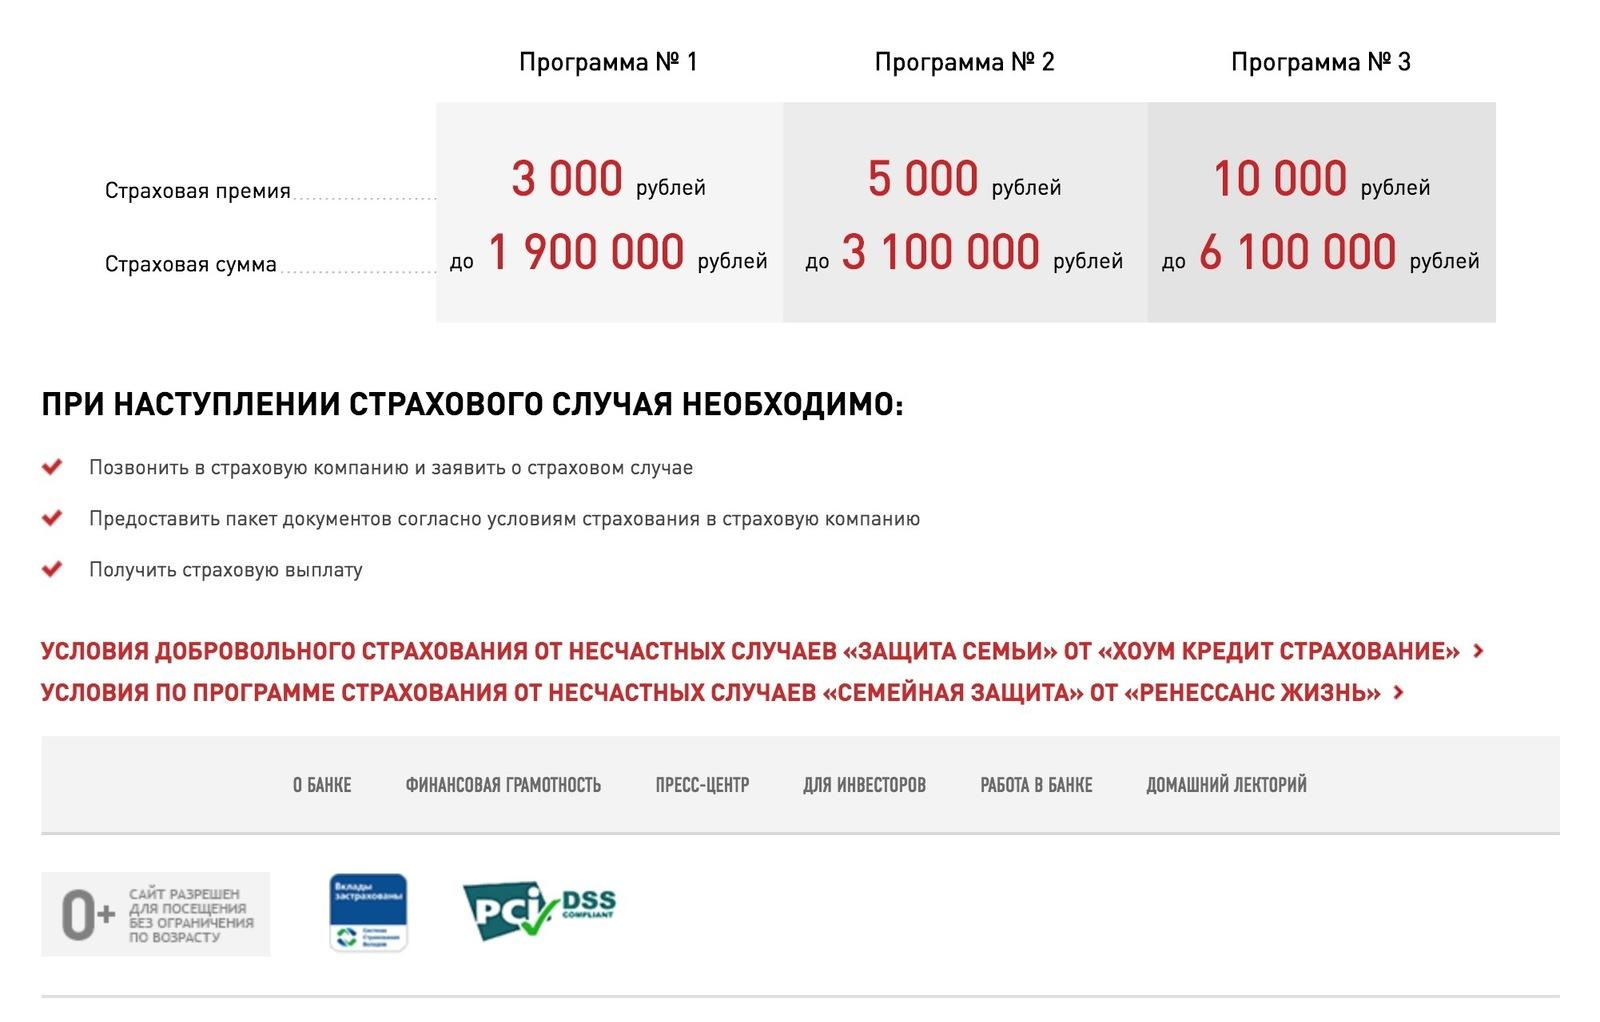 кредит 50000 грн альфа банк